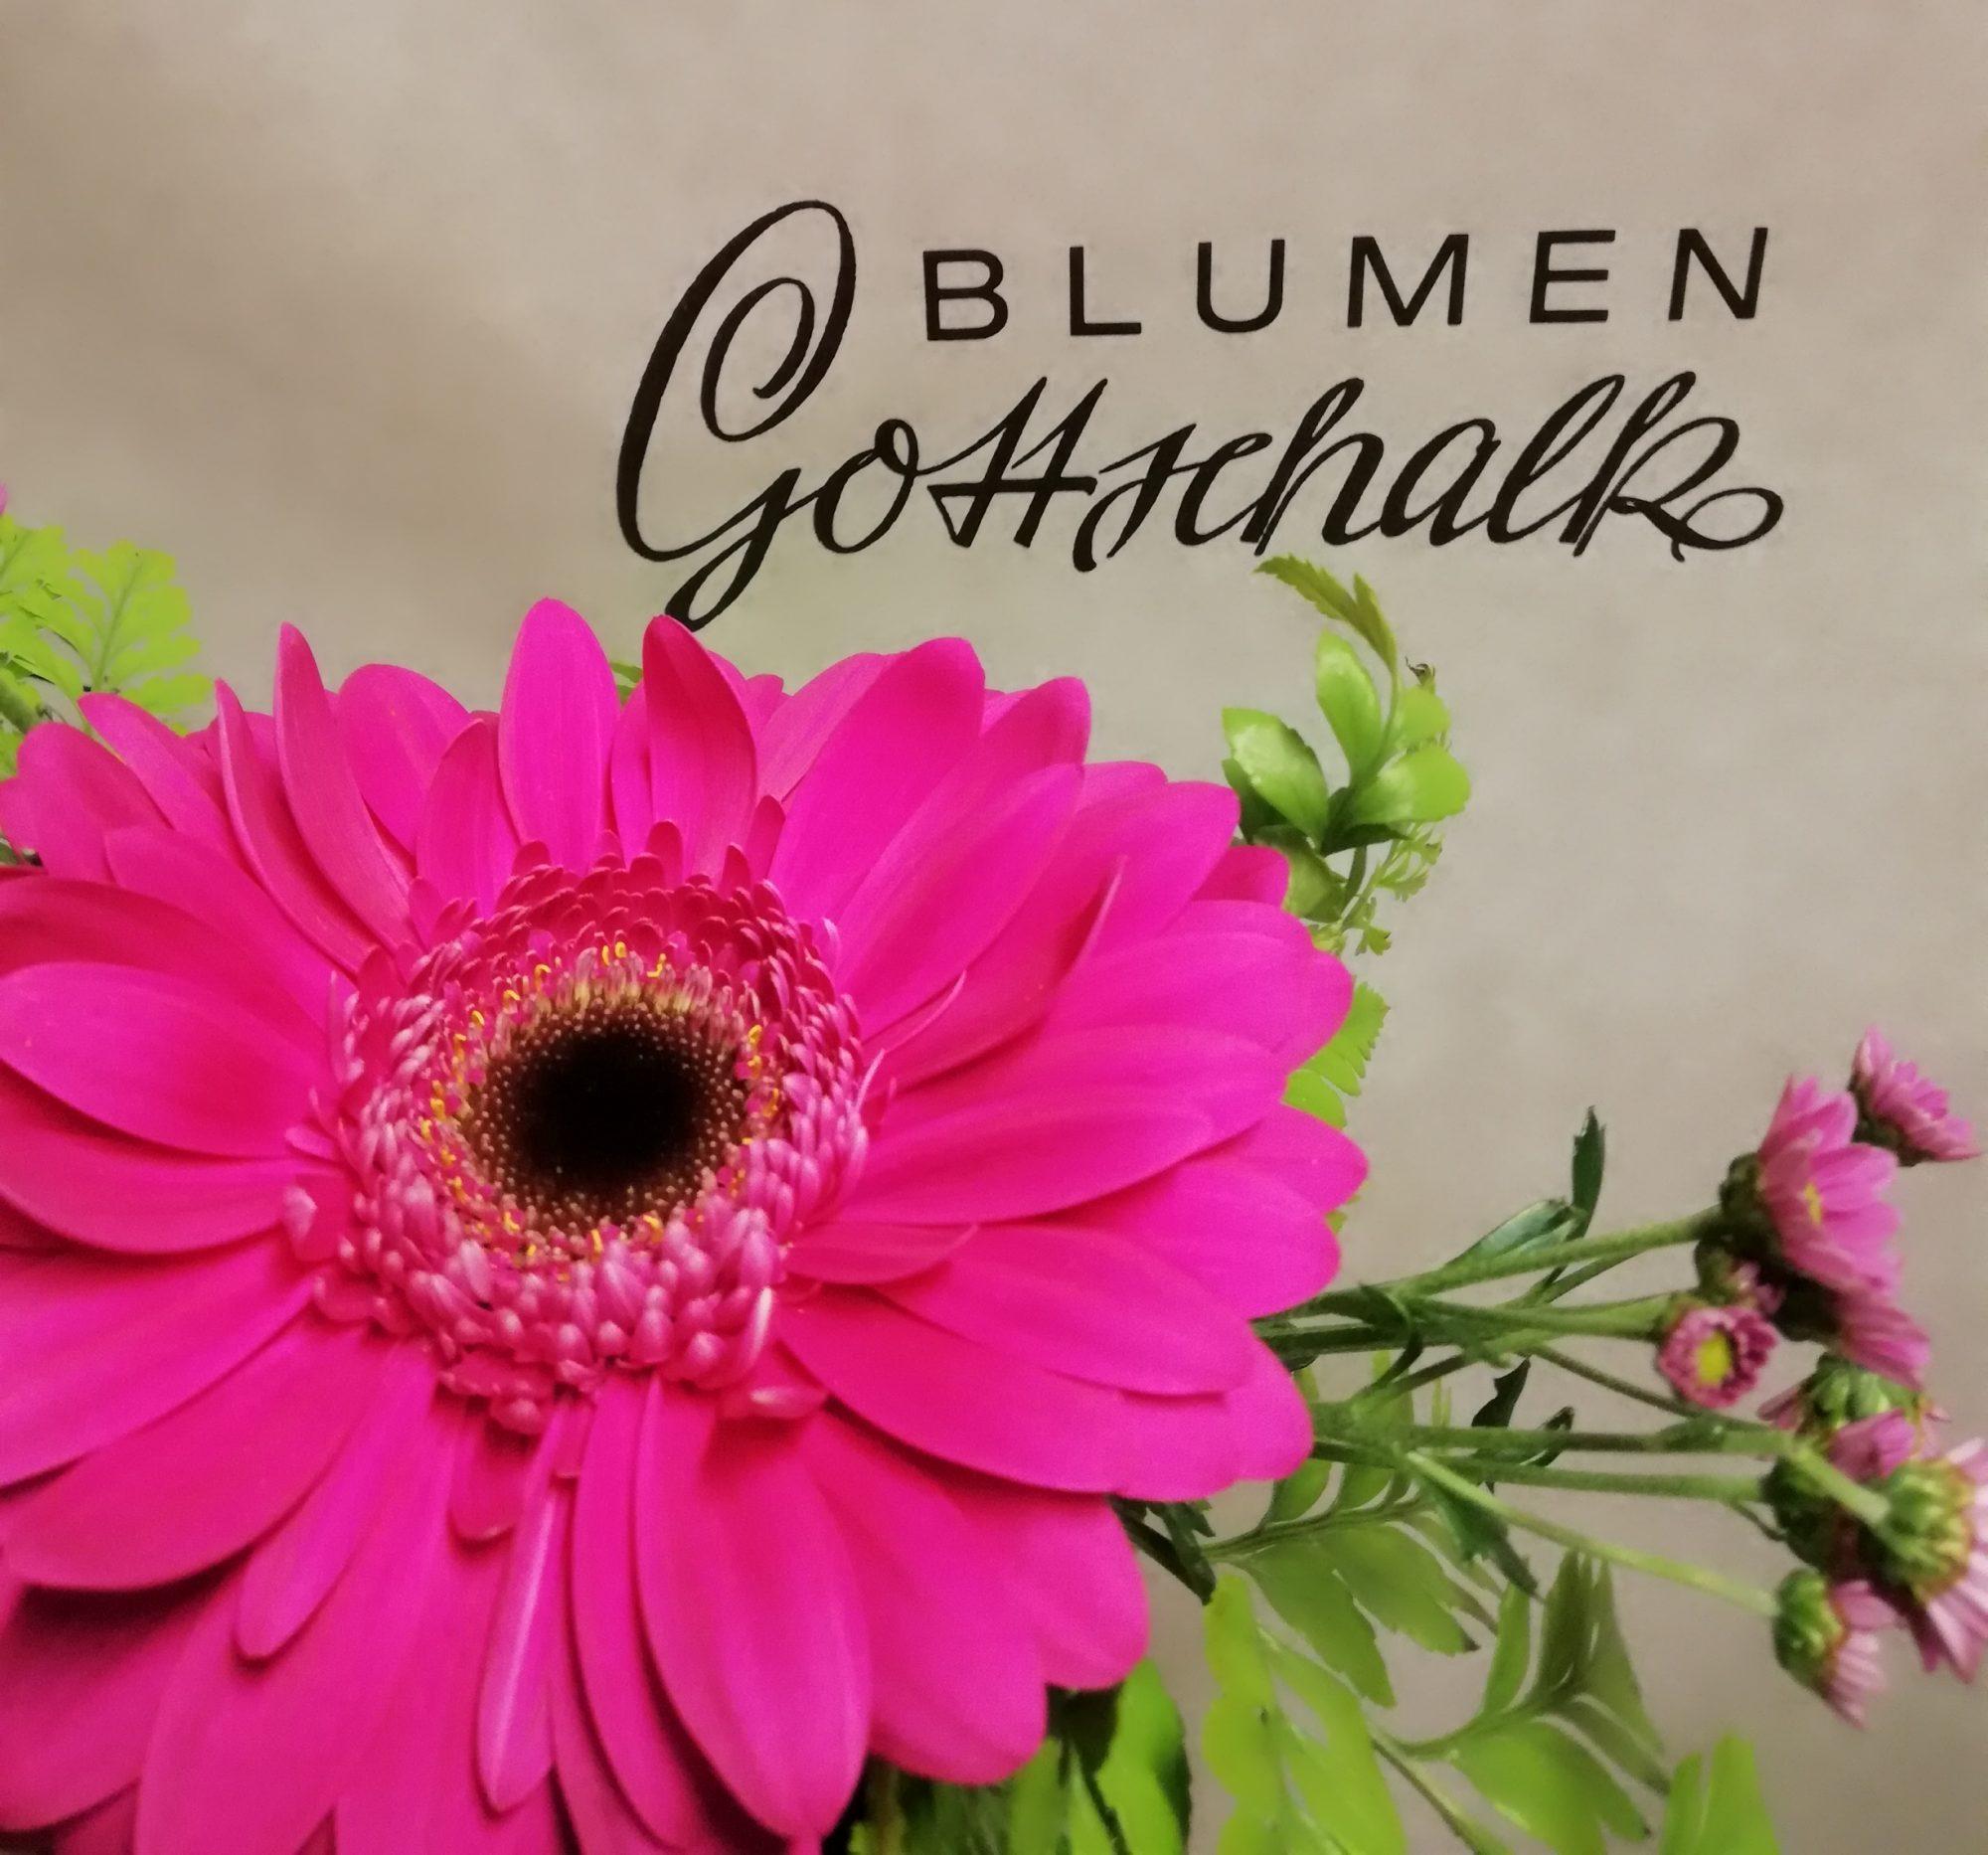 Blumen Gottschalk Göppingen